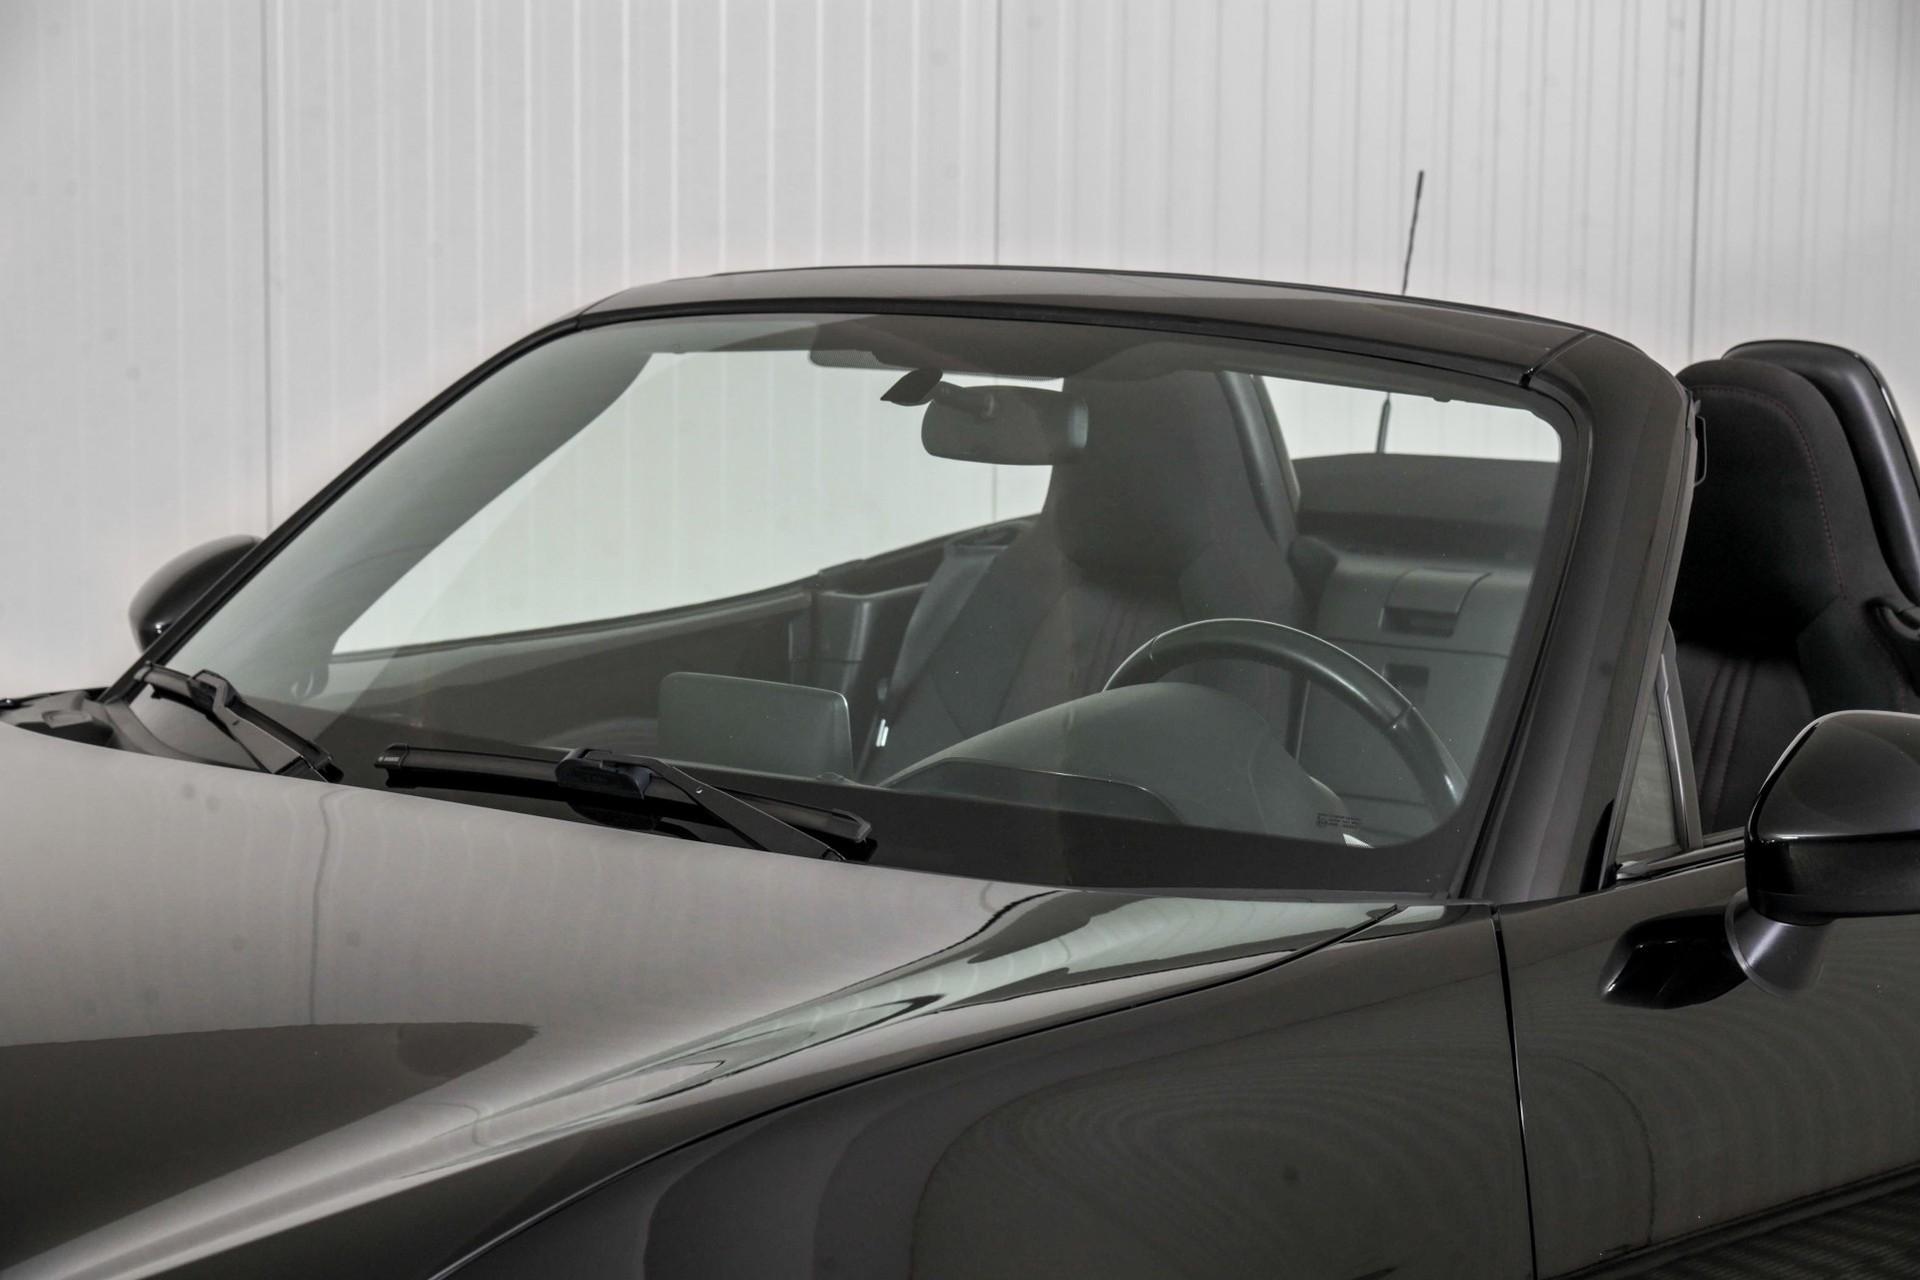 Mazda MX-5 1.5 SkyActiv-G 131 S Foto 25